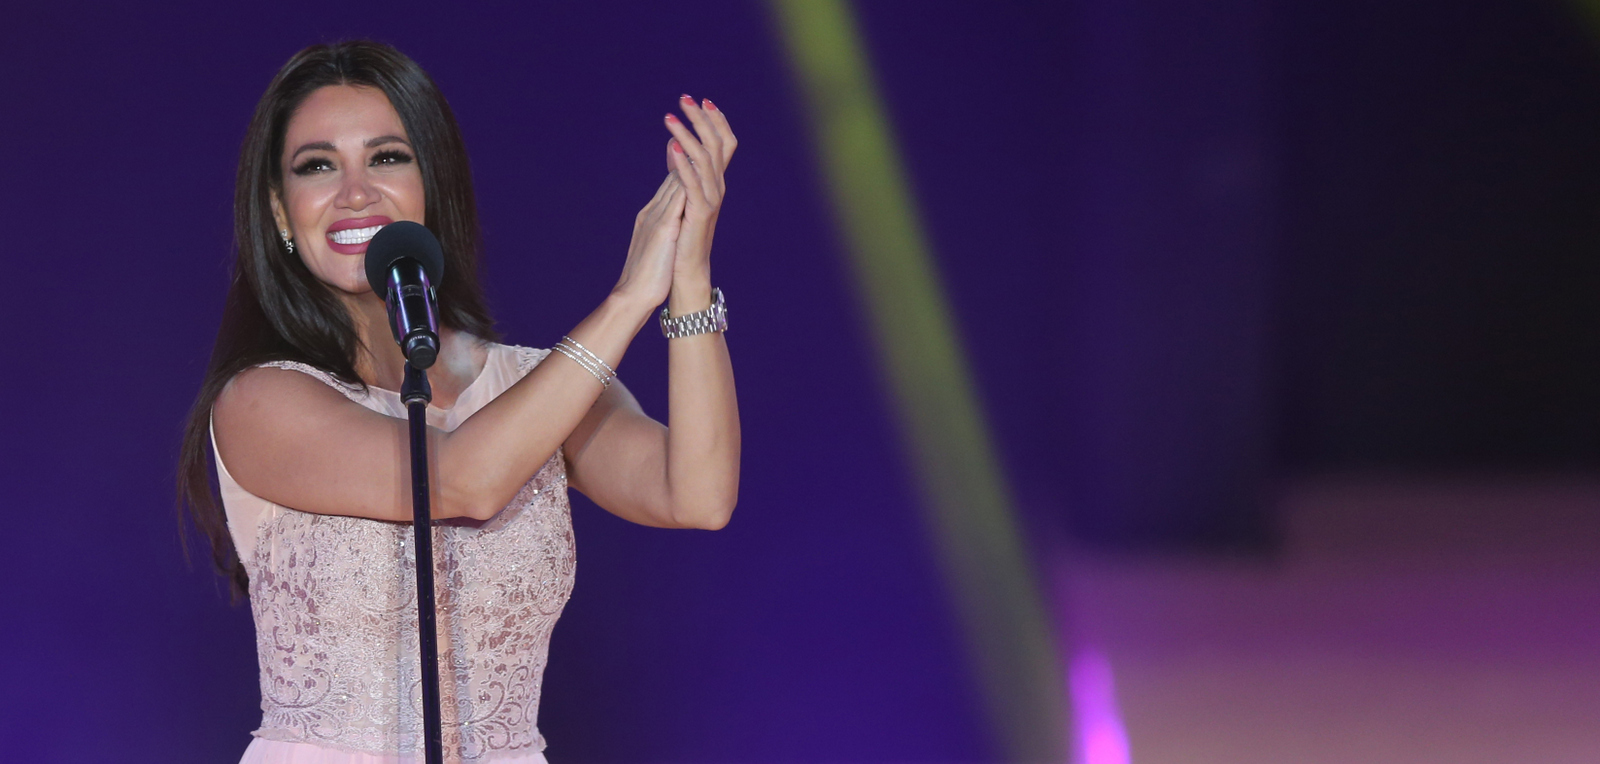 Music Nation - Diana haddad concert adha (2)